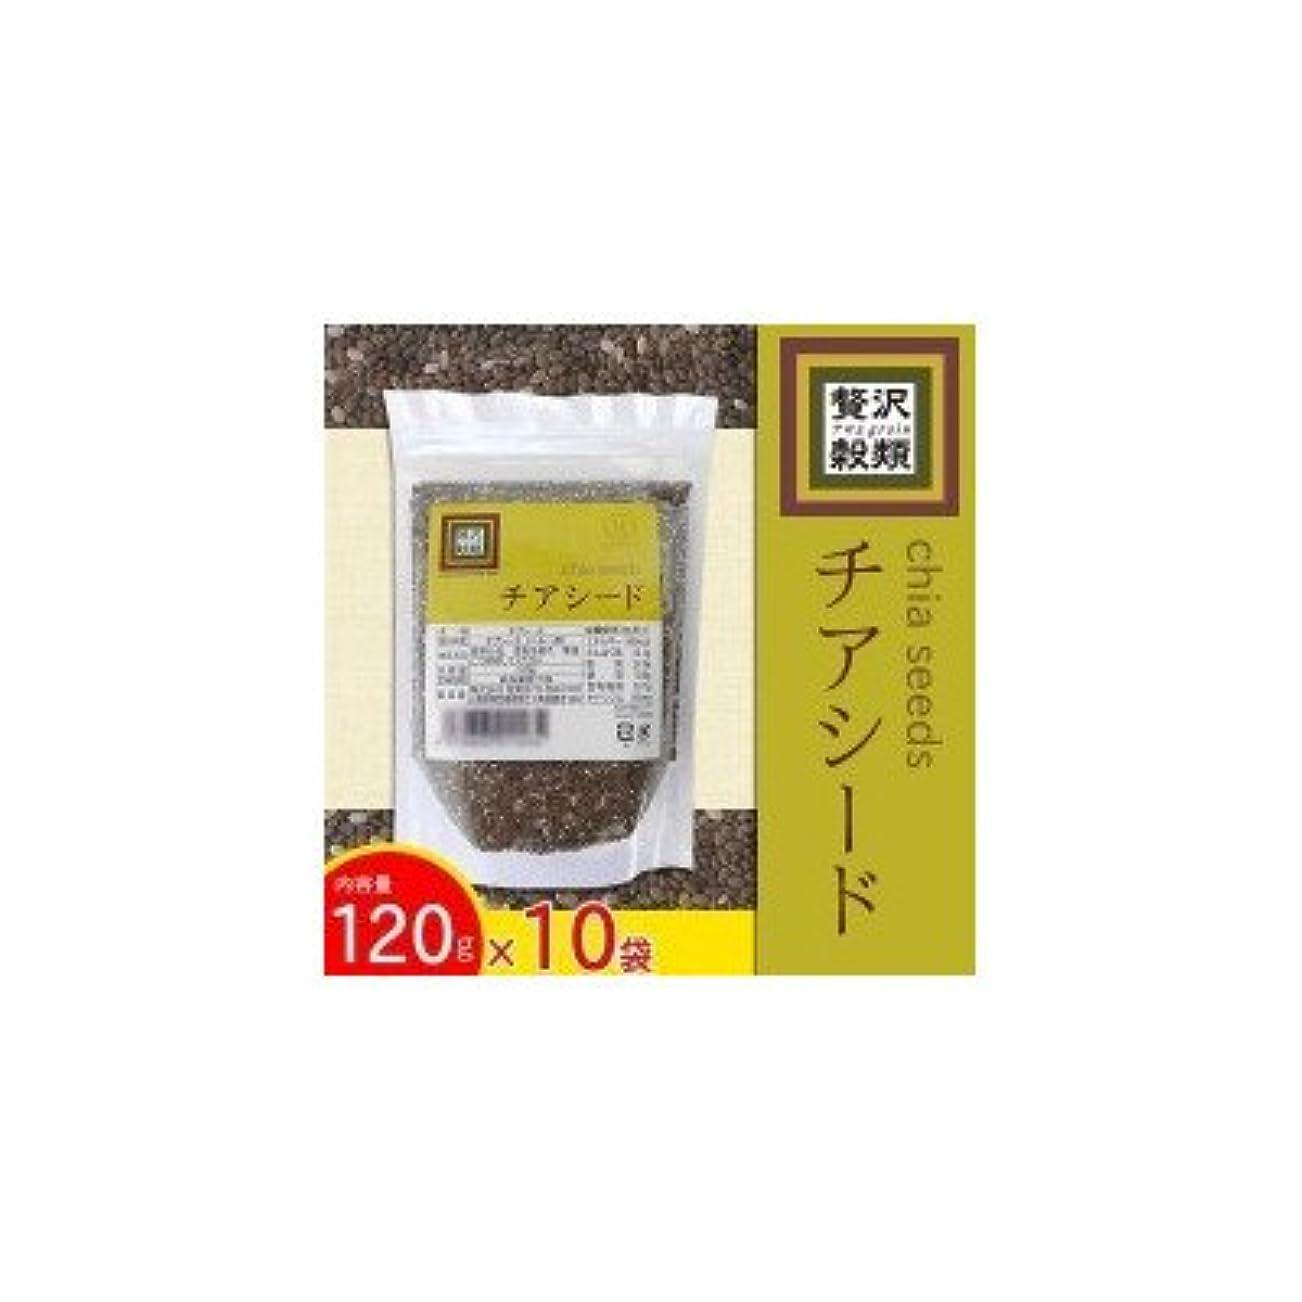 クラブホイスト違う贅沢穀類 チアシード 120g×10袋